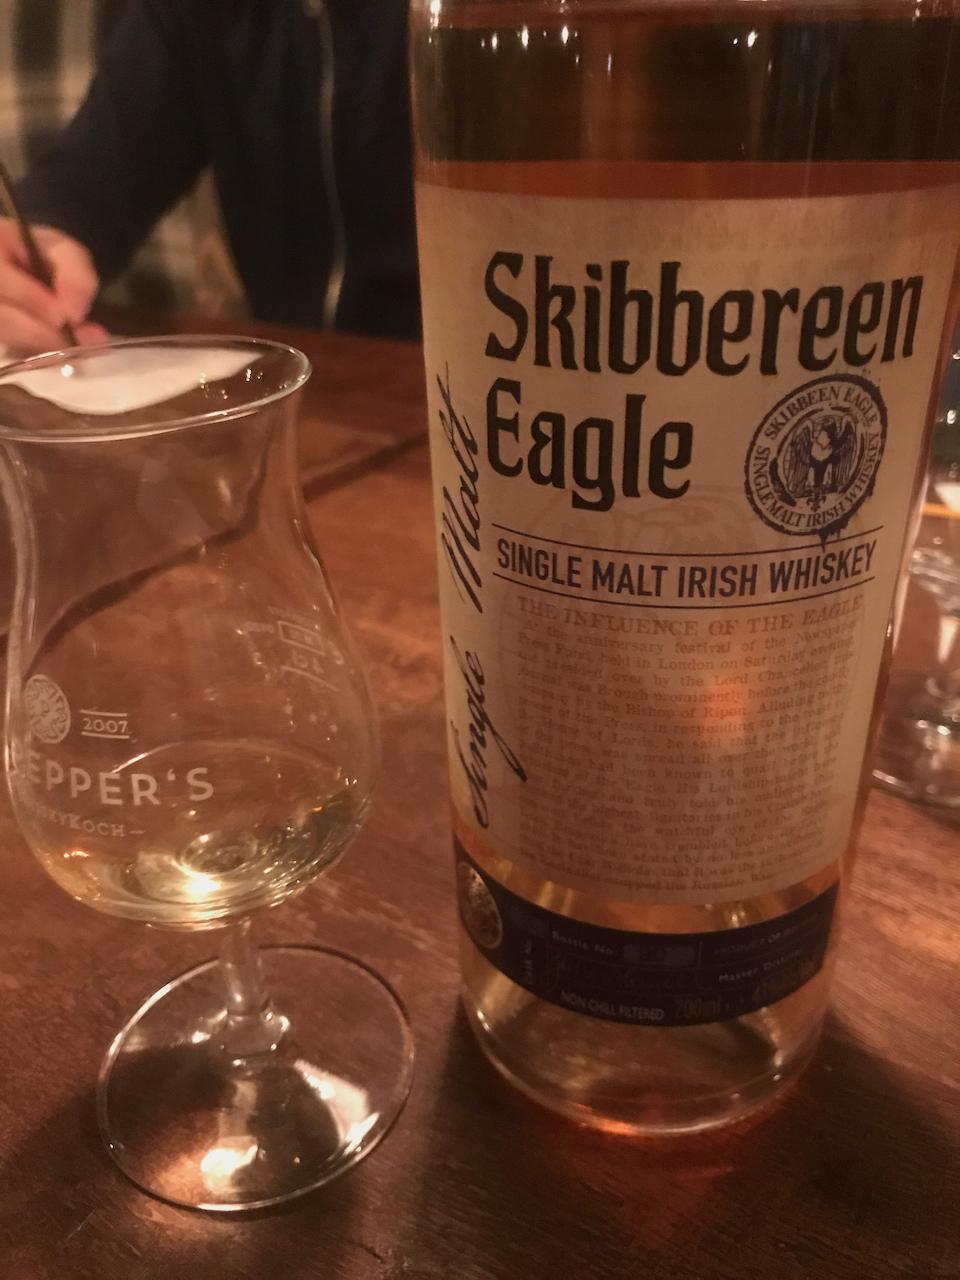 Skibbereen Eagle